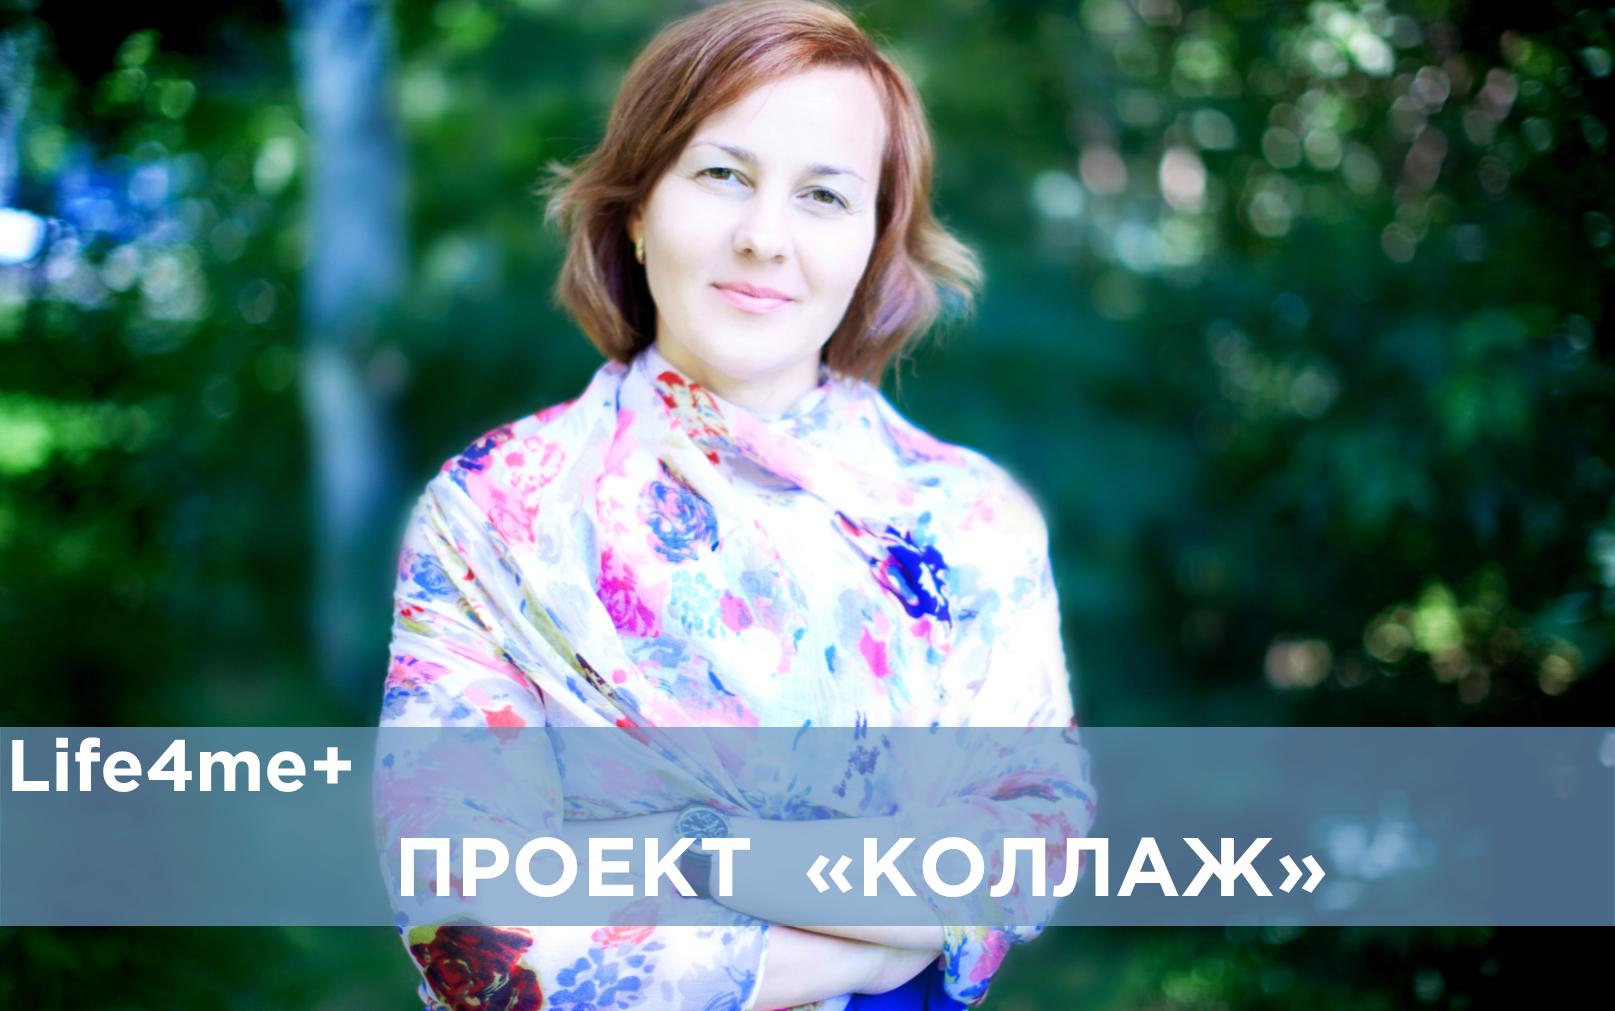 """Коллаж: """"Я вообще была ВИЧ-диссиденткой"""", - Полина Родимкина. - изображение 1"""